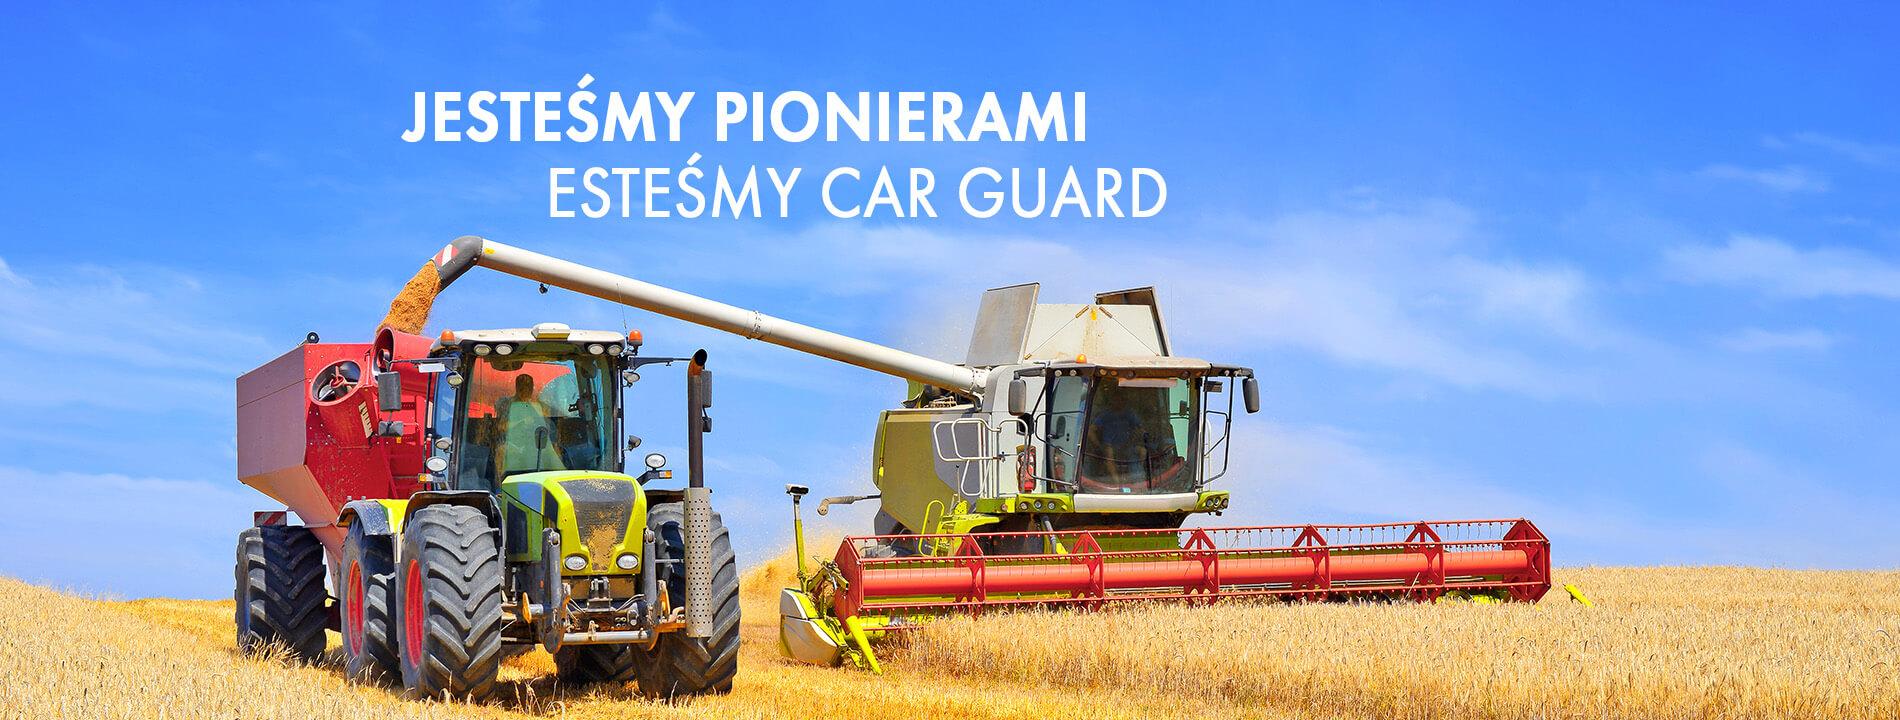 Jesteśmy pionierami - Jesteśmy Car Guard